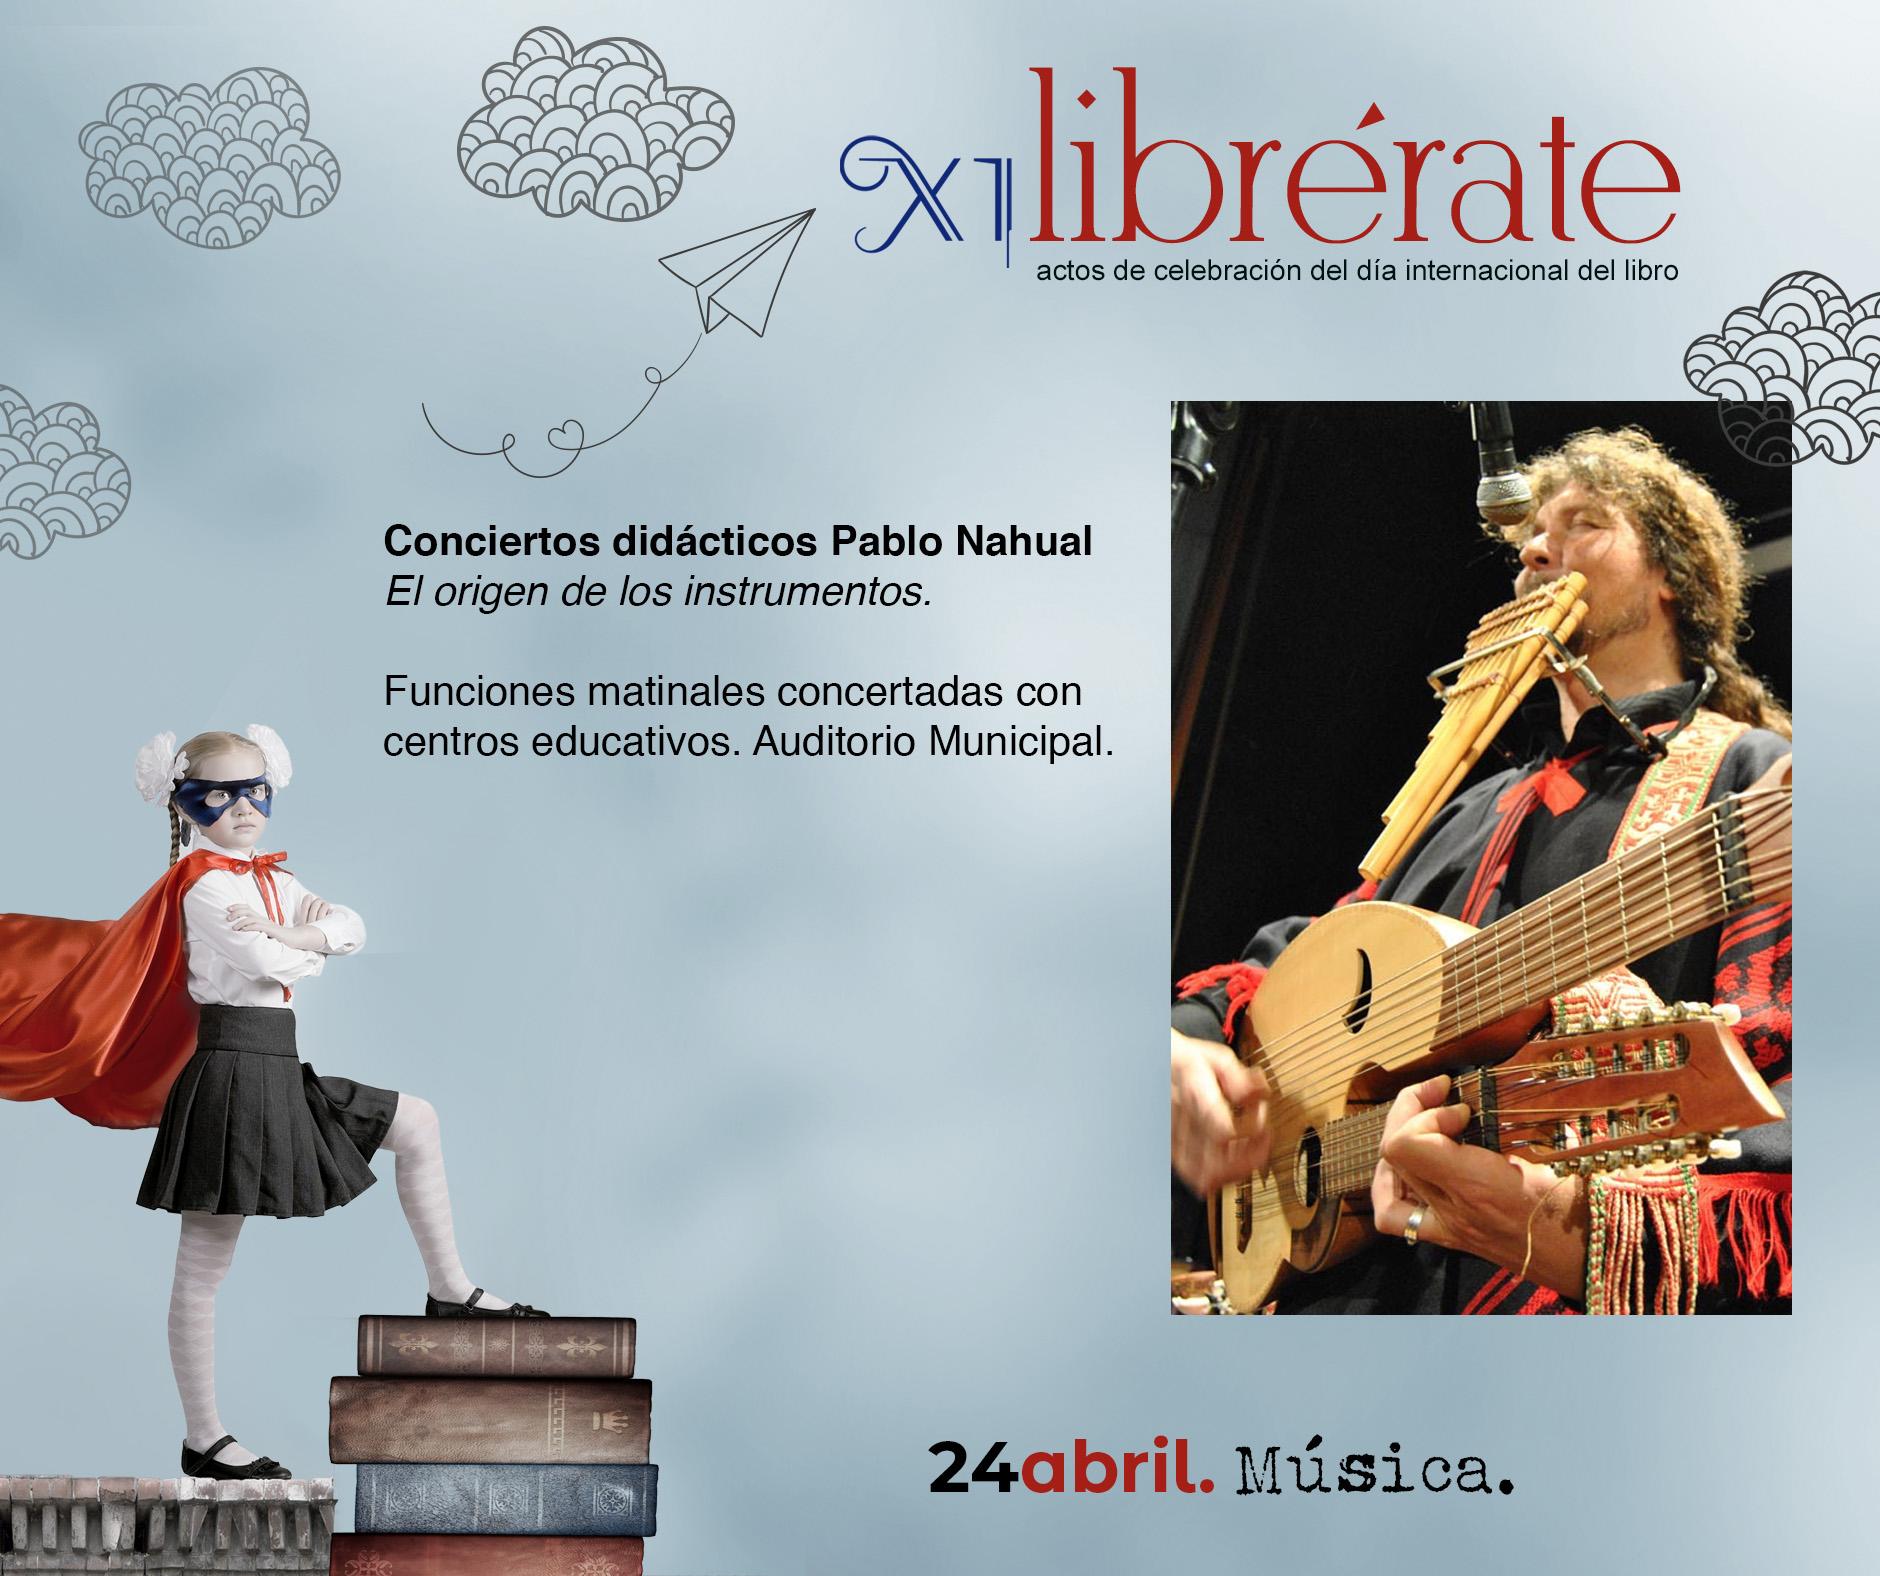 Conciertos didácticos Pablo Nahual El origen de los instrumentos @ Auditorio Municipal (Centros Educativos)